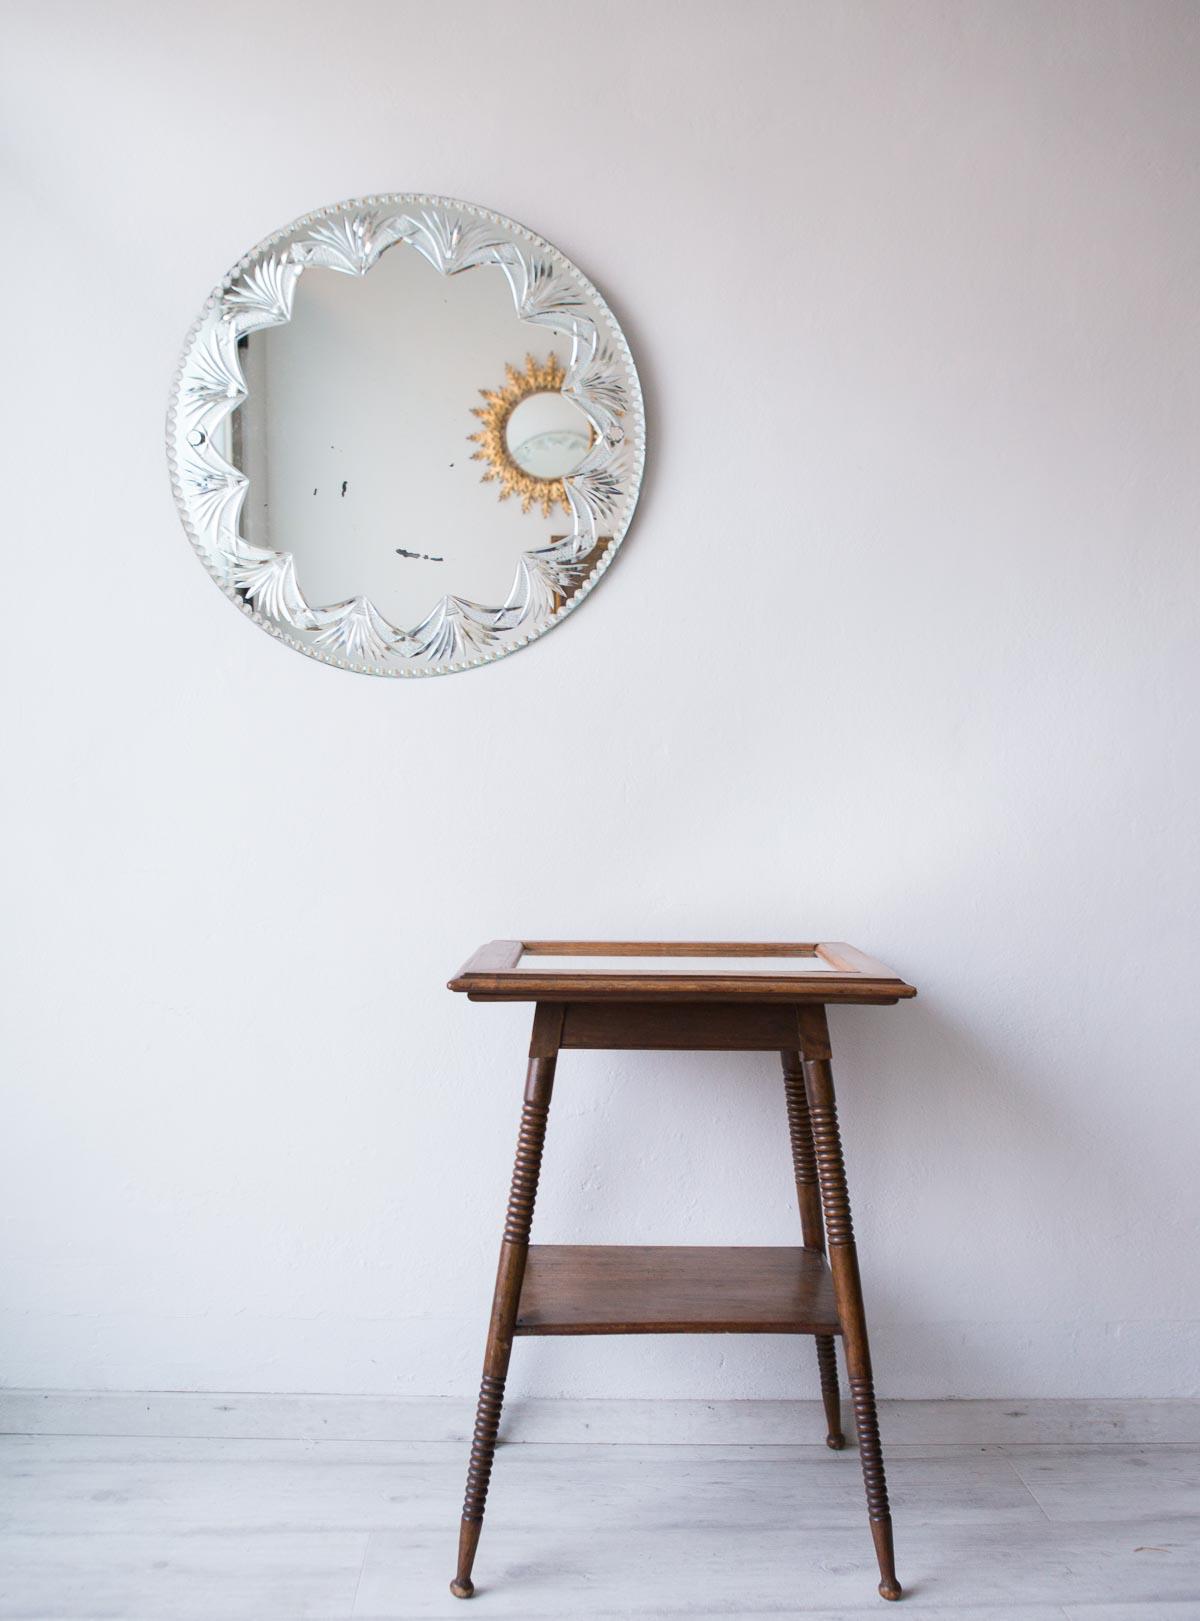 Antiguo espejo estilo veneciano ancien miroir style - Espejo veneciano antiguo ...